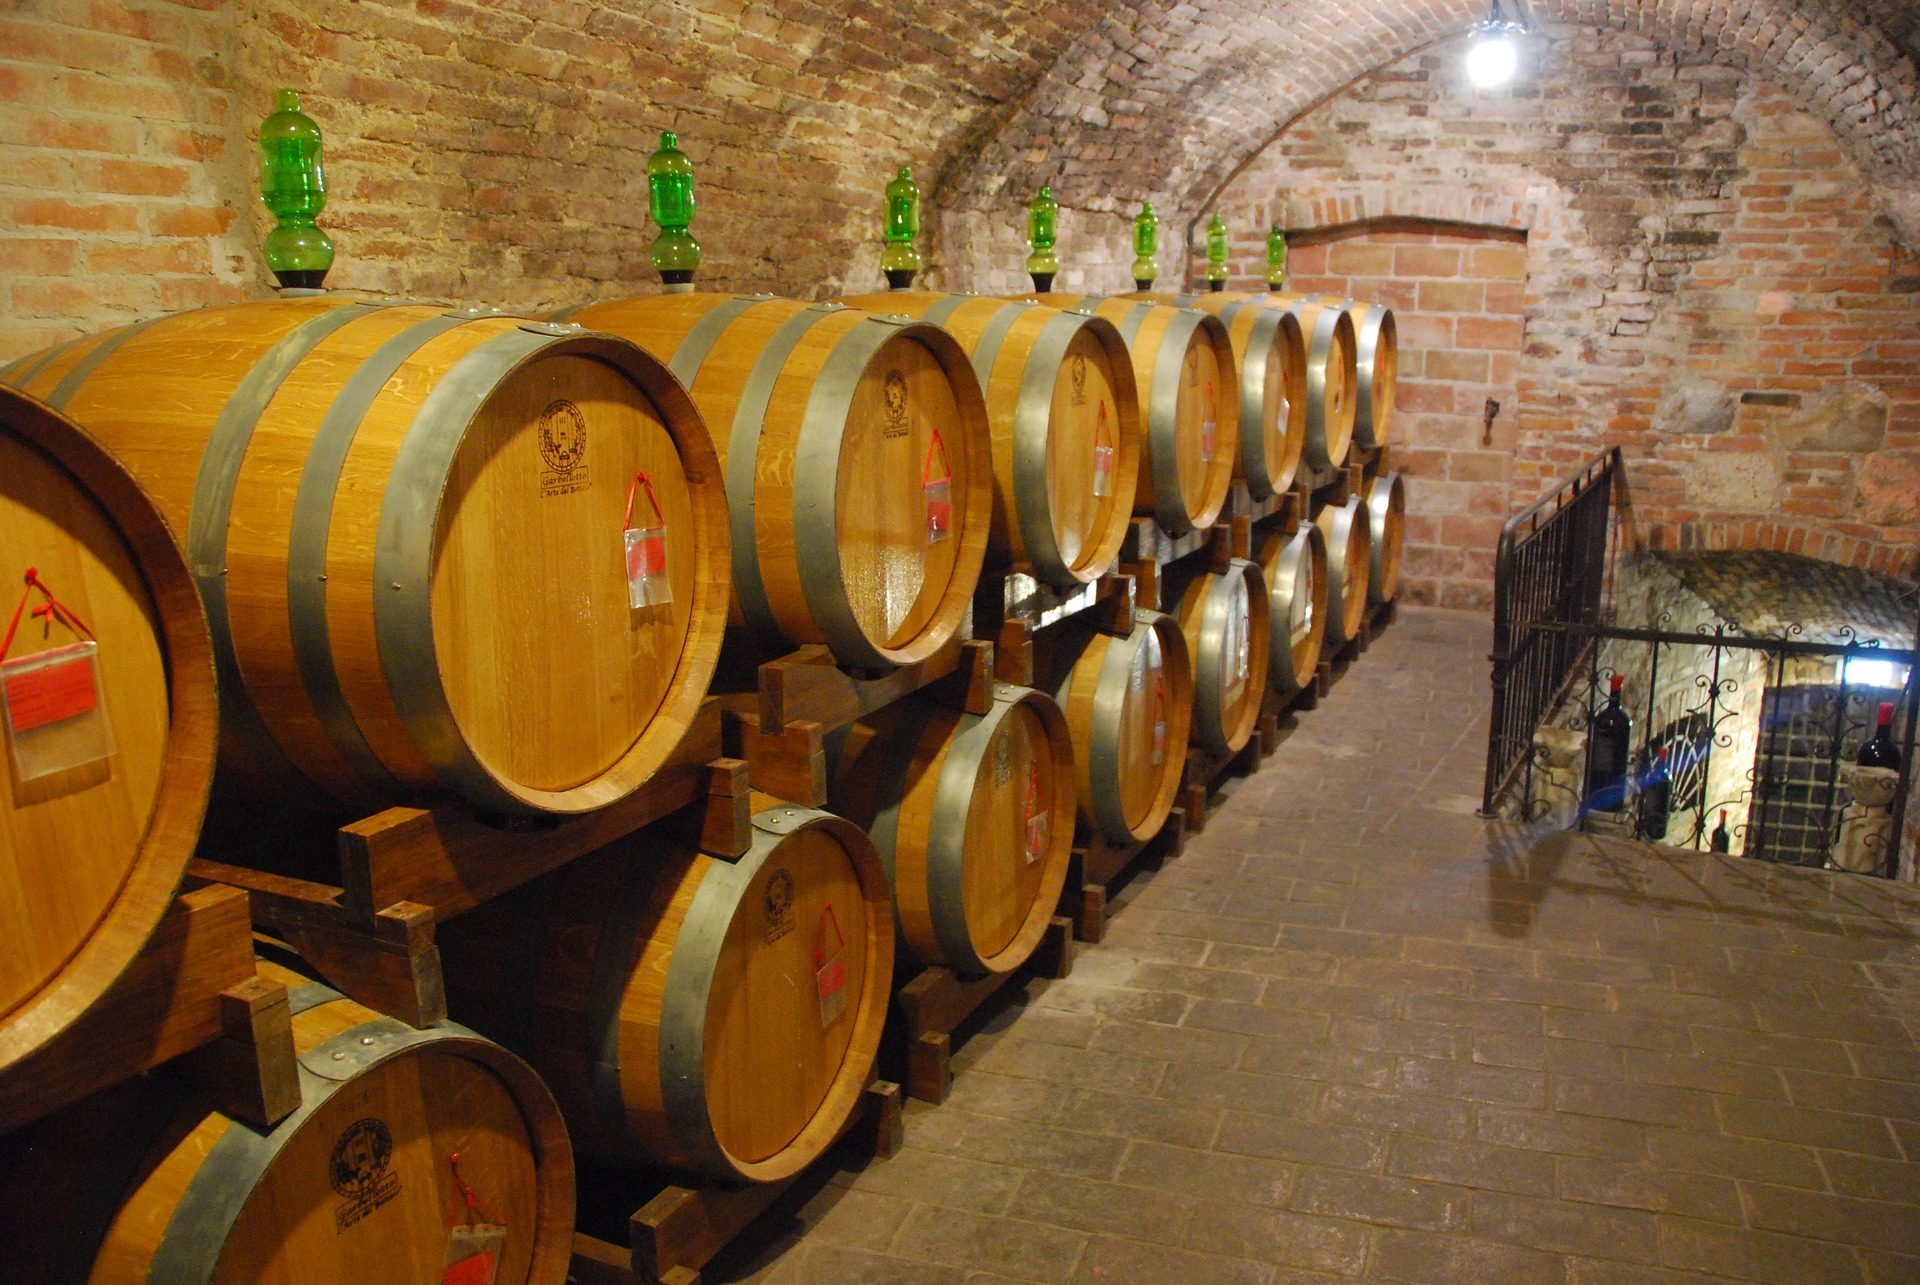 barriles, Fässer, Wein, Weingut, Gärung, Tuscany - Wallpaper HD - Prof.-falken.com